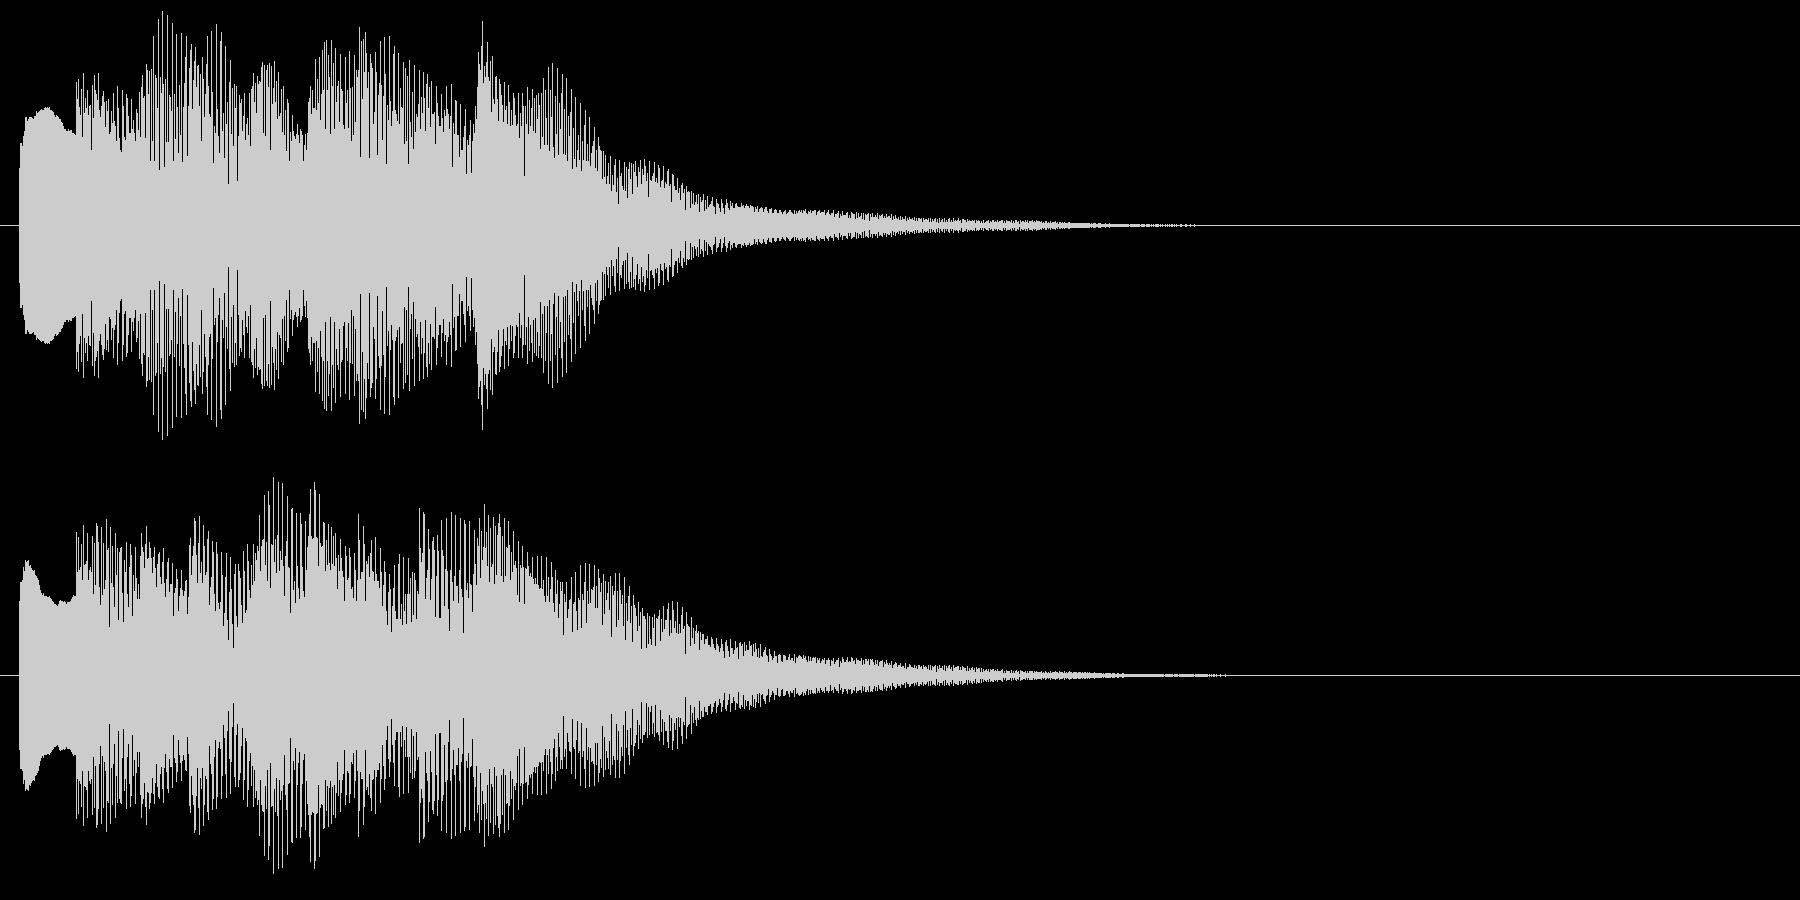 アラーム音10 キラキラ(maj)の未再生の波形